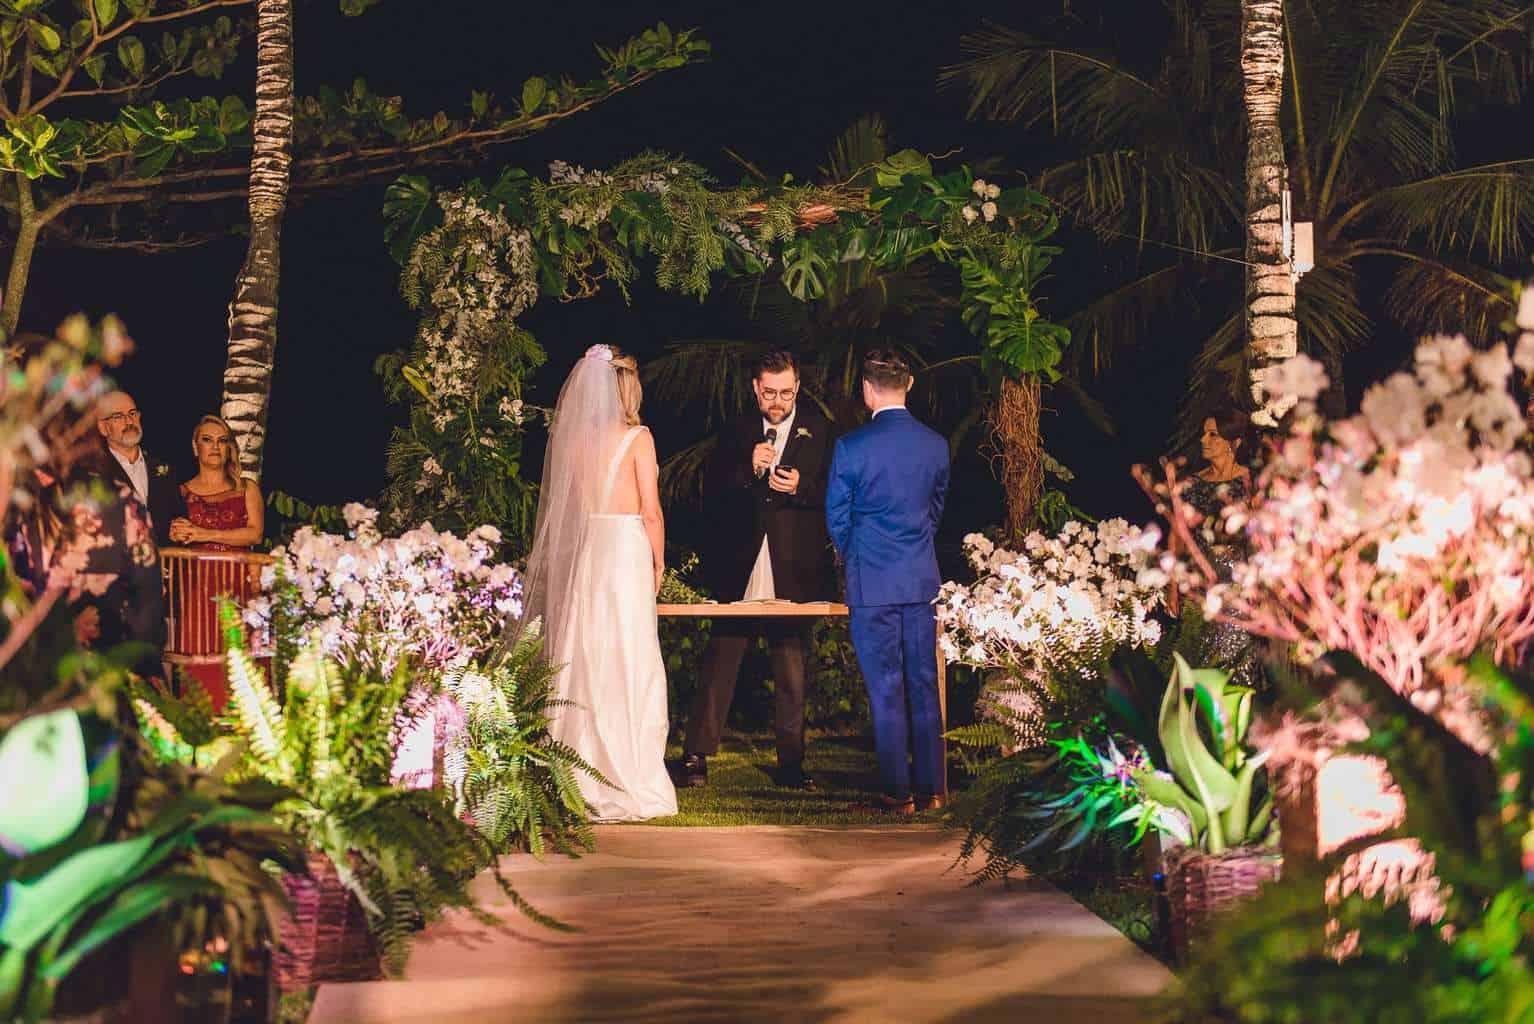 Casamento-Muvone_por-Wesley-Allen_baixa104